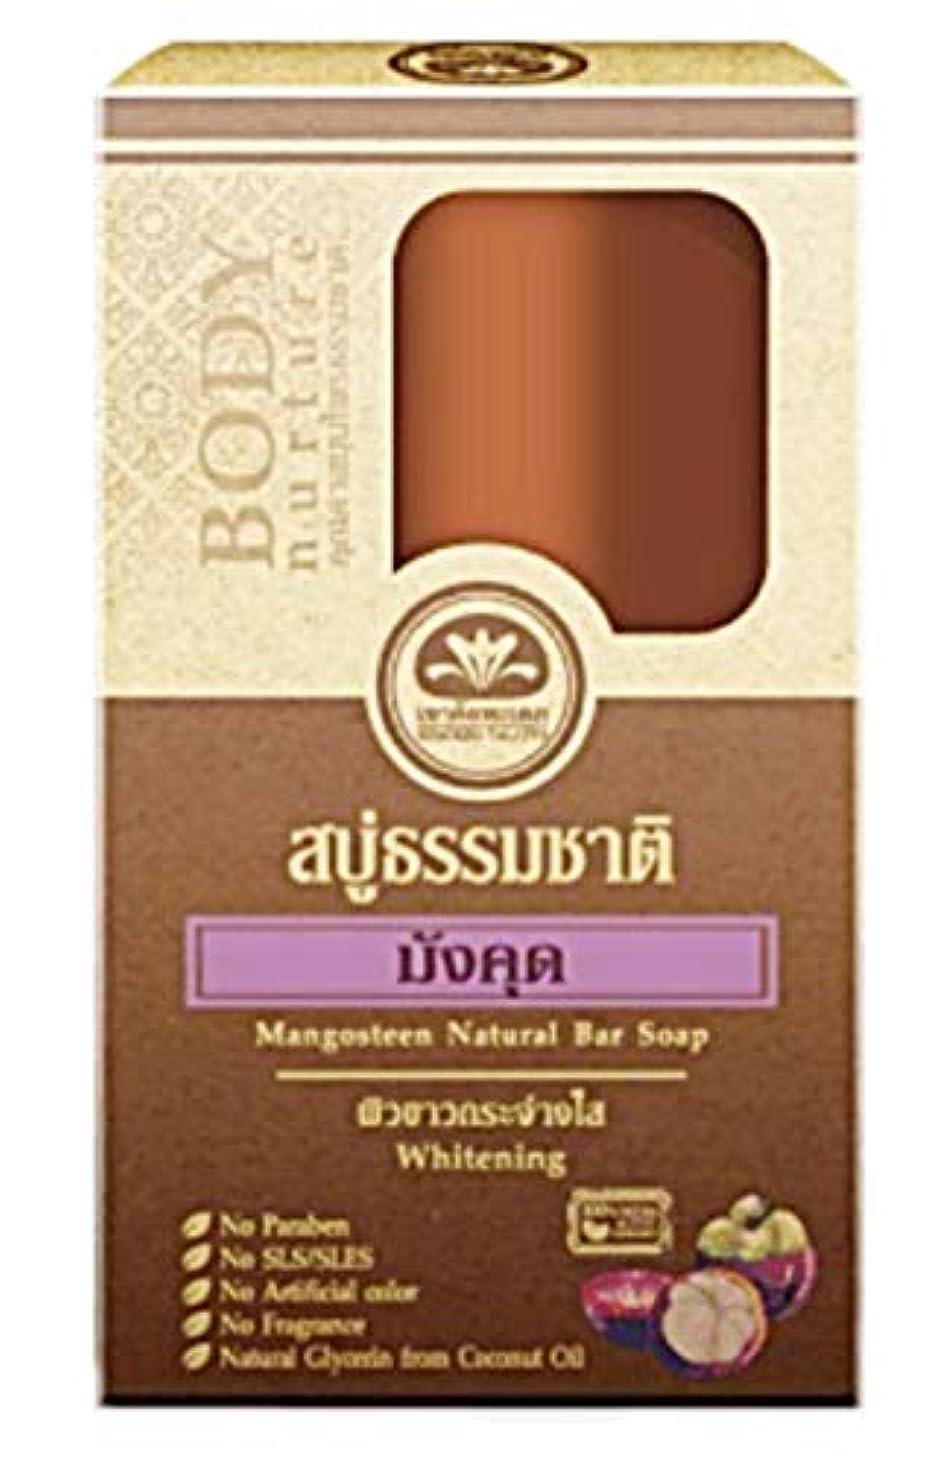 教えカポックバルーンMangosteen Mangosutin マンゴスチン石鹸 Natural Bar Soap Reduce Black spots Whitening Skin Soap 80 grams.